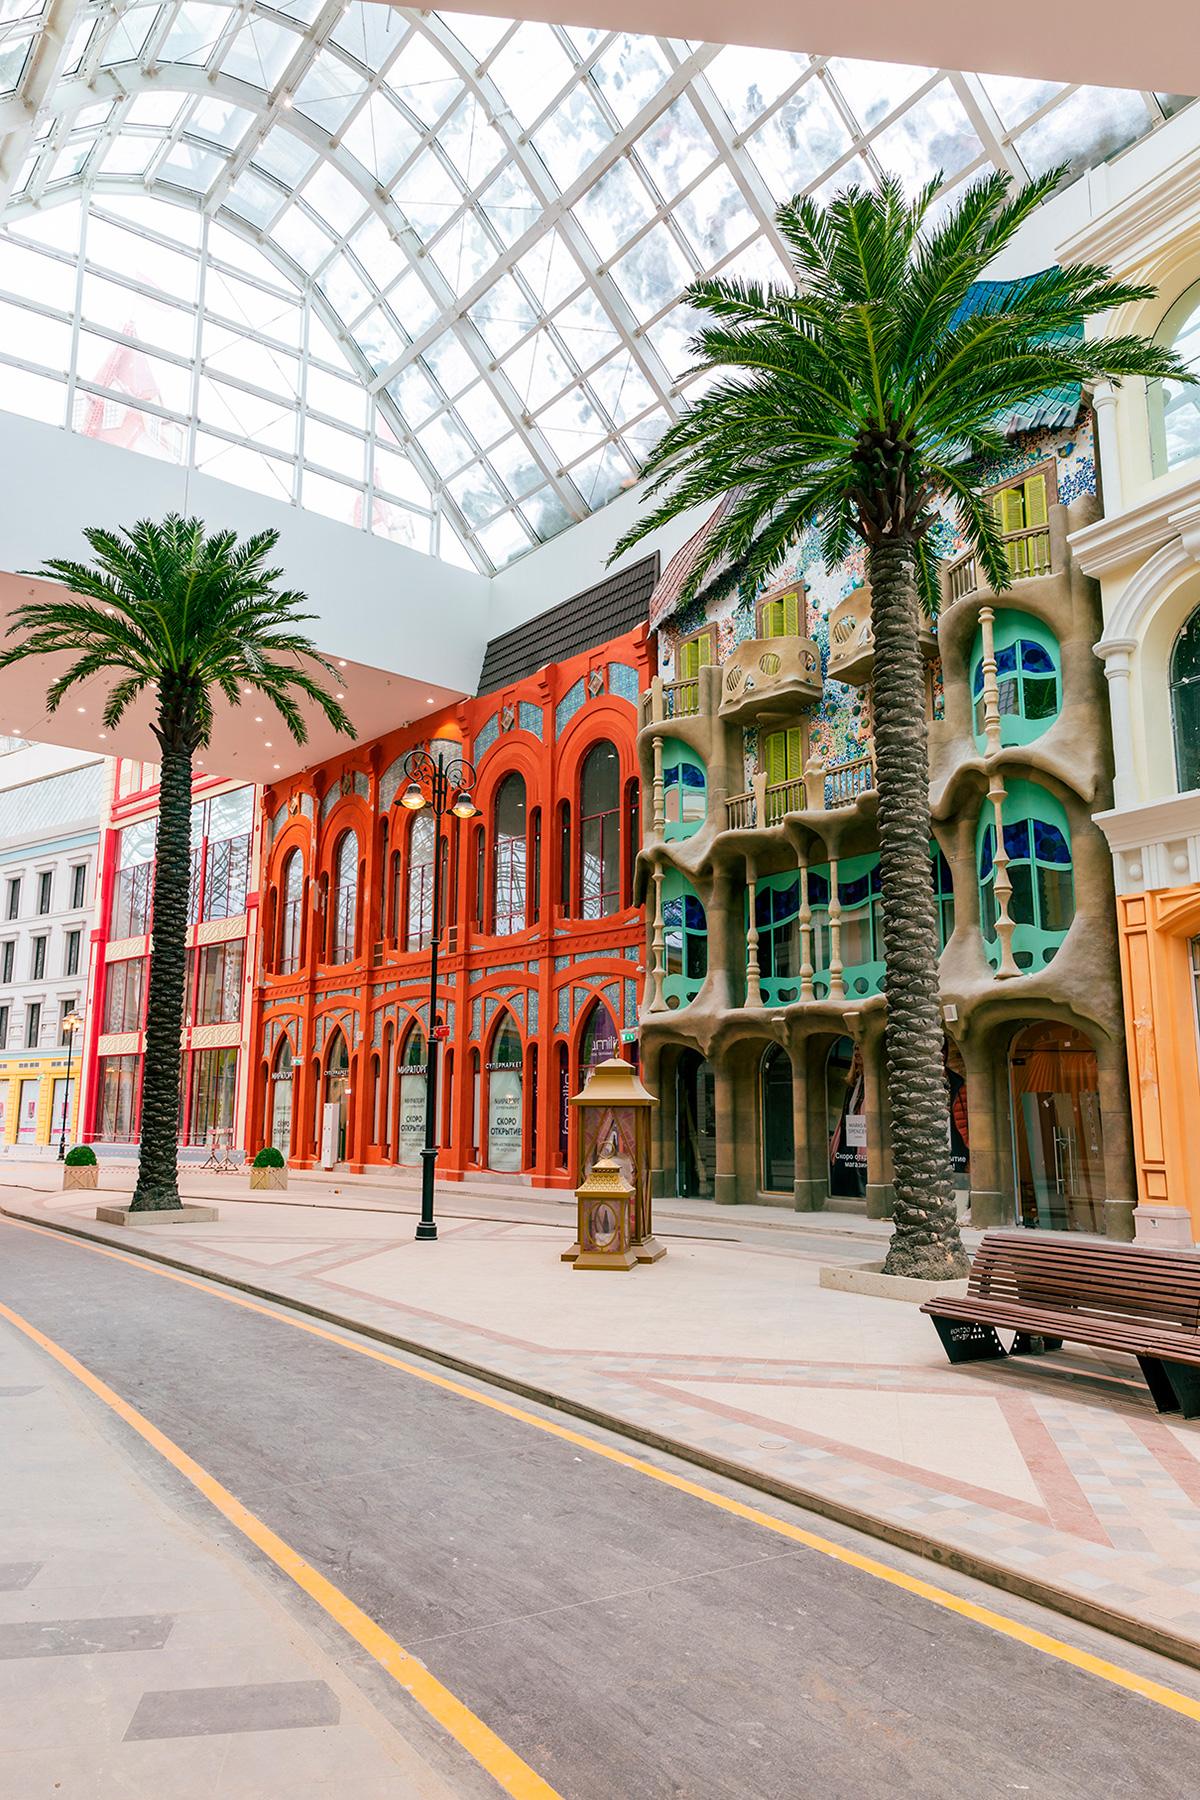 Для стилизации городского пространства в променаде было создано 120 фасадов зданий. Среди них— миниатюры мировых достопримечательностей, таких как Колизей и Дом костей (Casa Batllo) Гауди